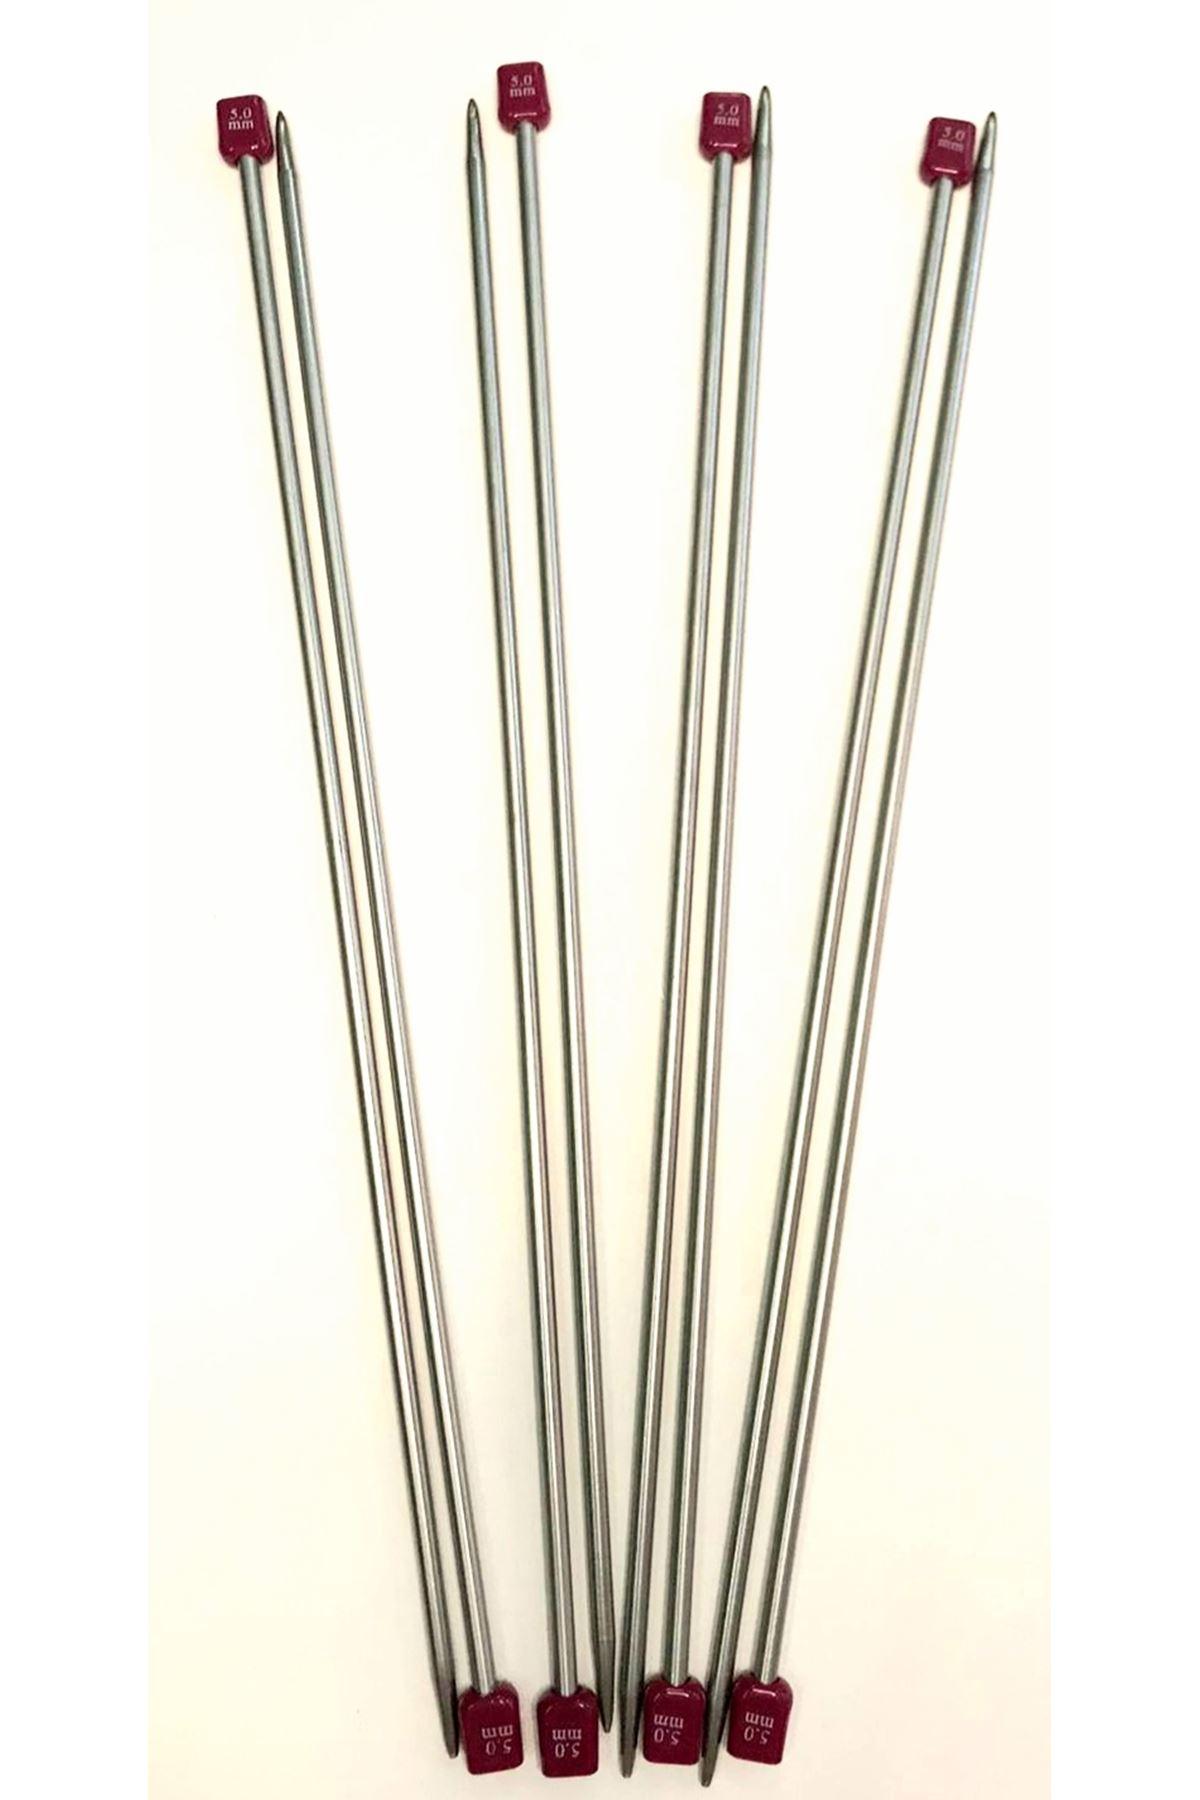 Titanyum/Çelik Şiş 5 mm